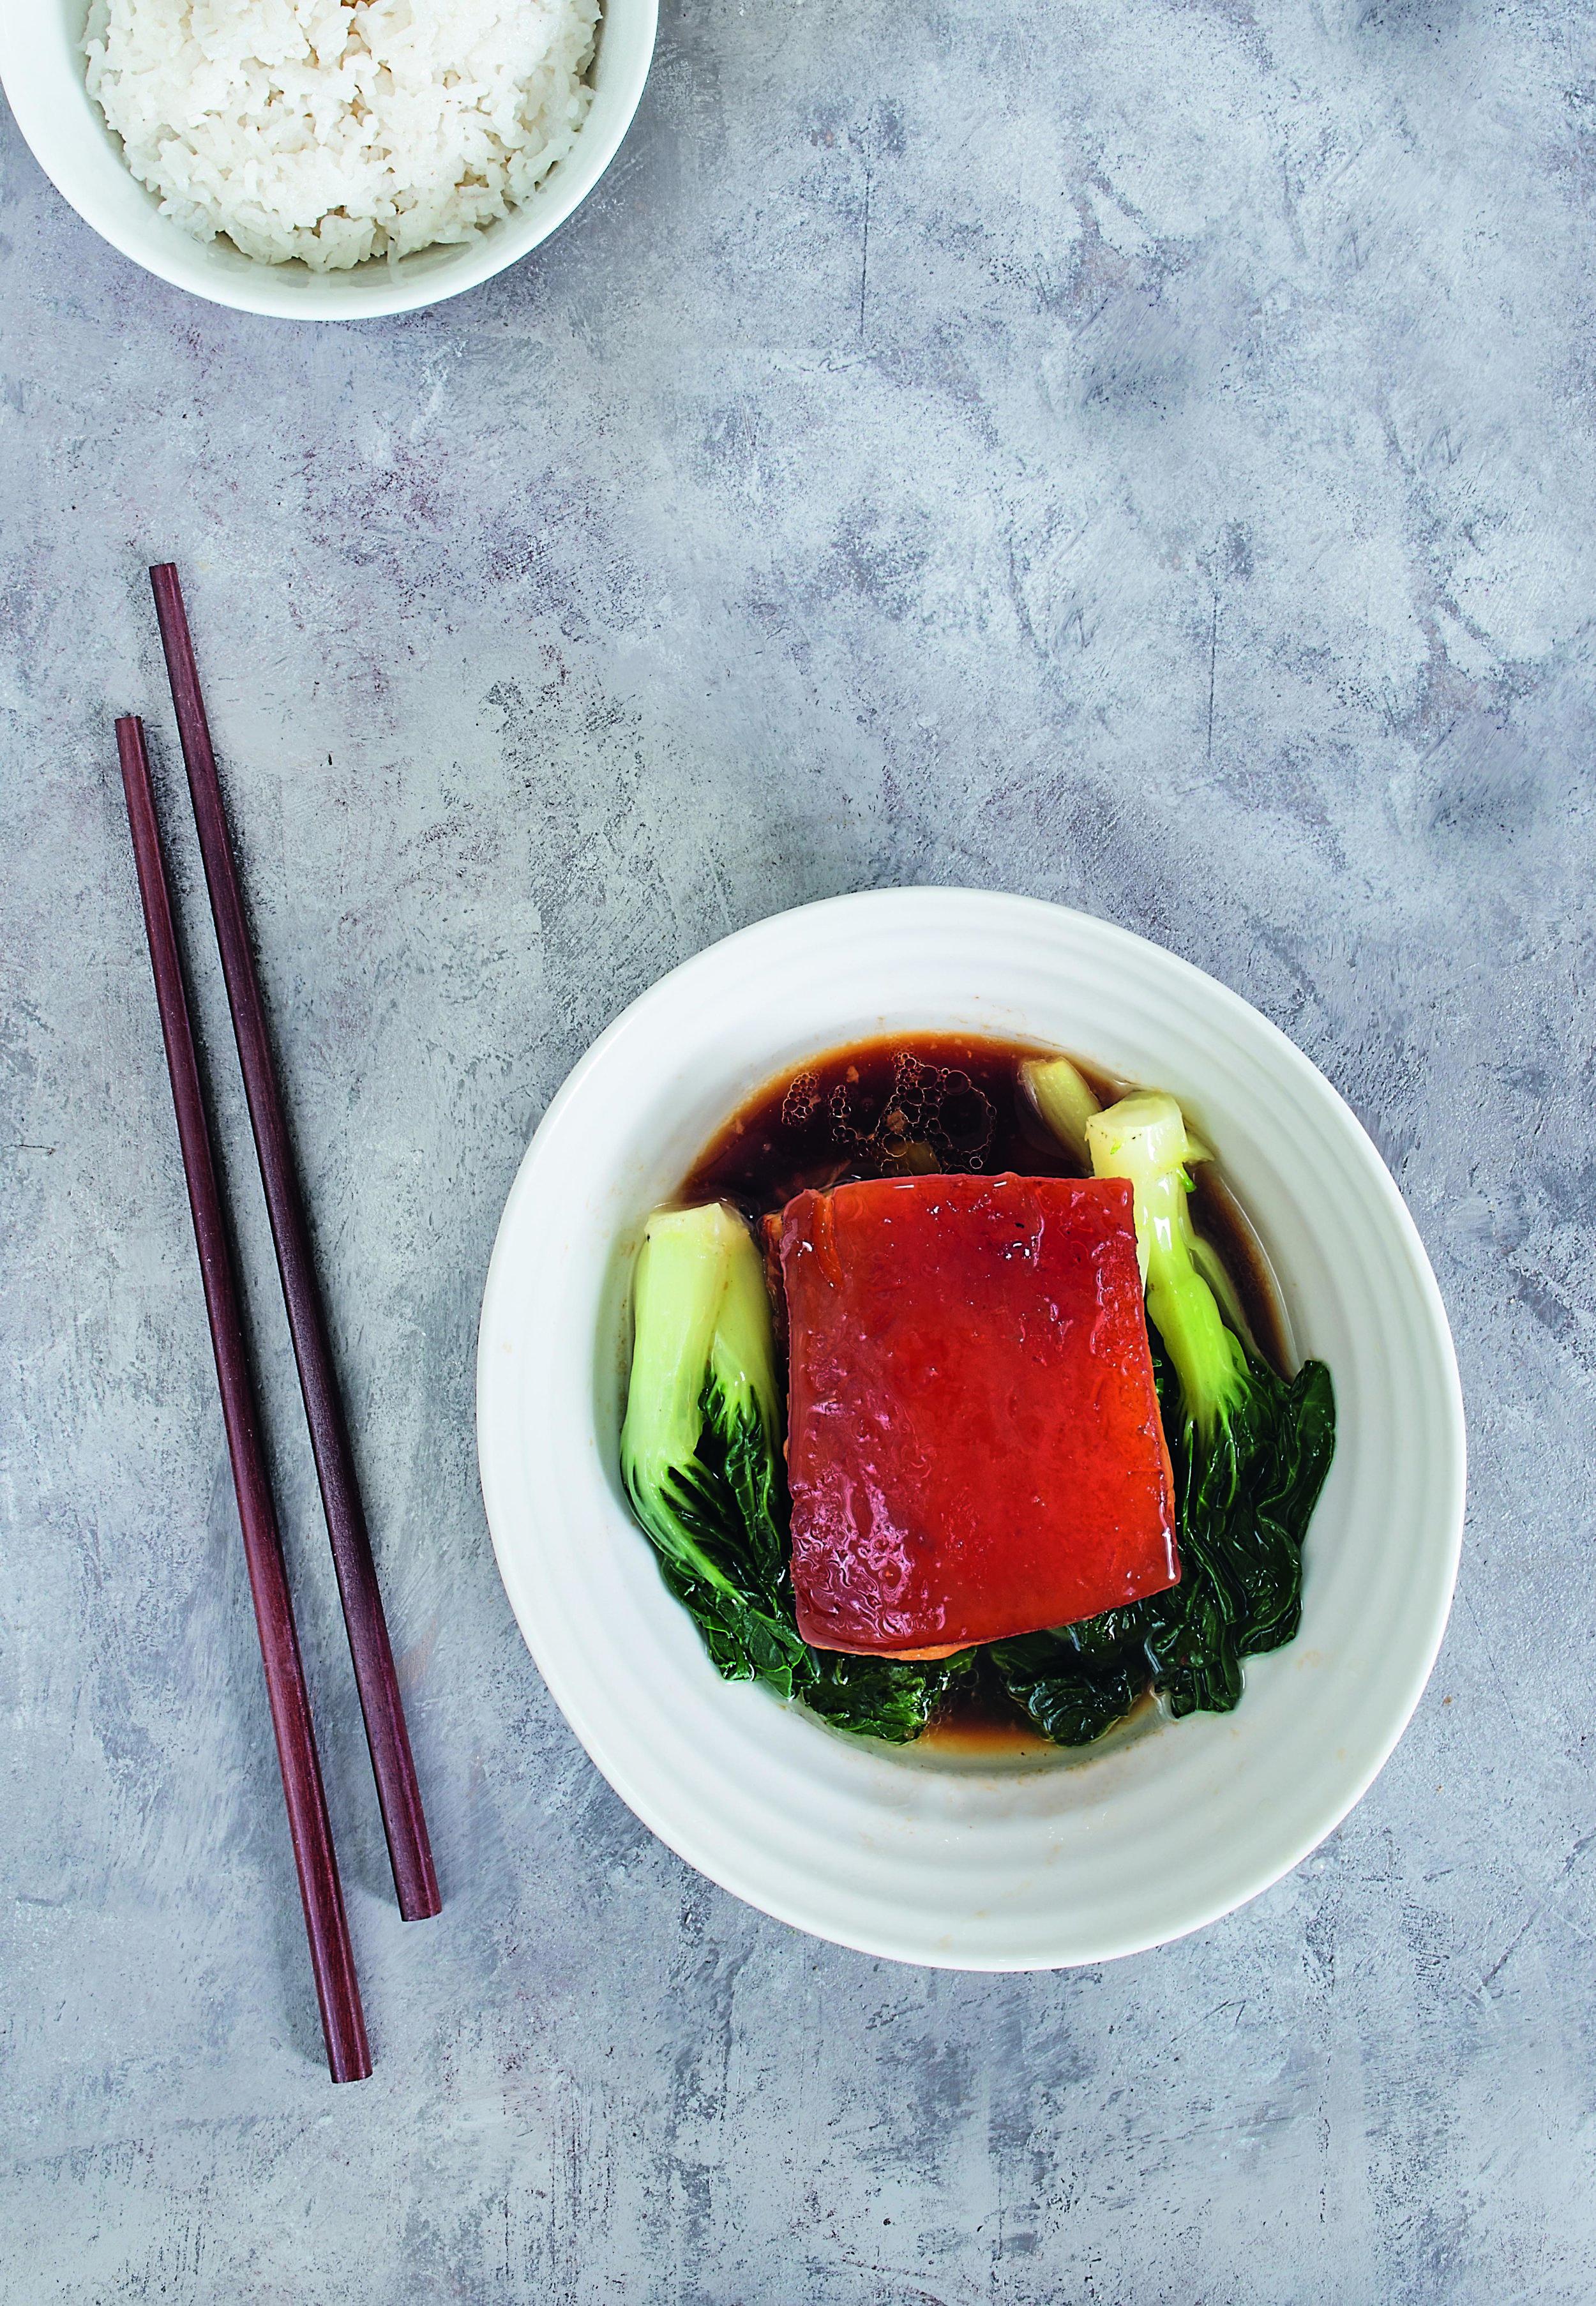 Il libro si apre con un'intuitiva e coinvolgente introduzione in cui gli autori condividono l'affascinante storia della cucina e della cultura regionale cinese. Nella foto il maiale alla Dongpo.